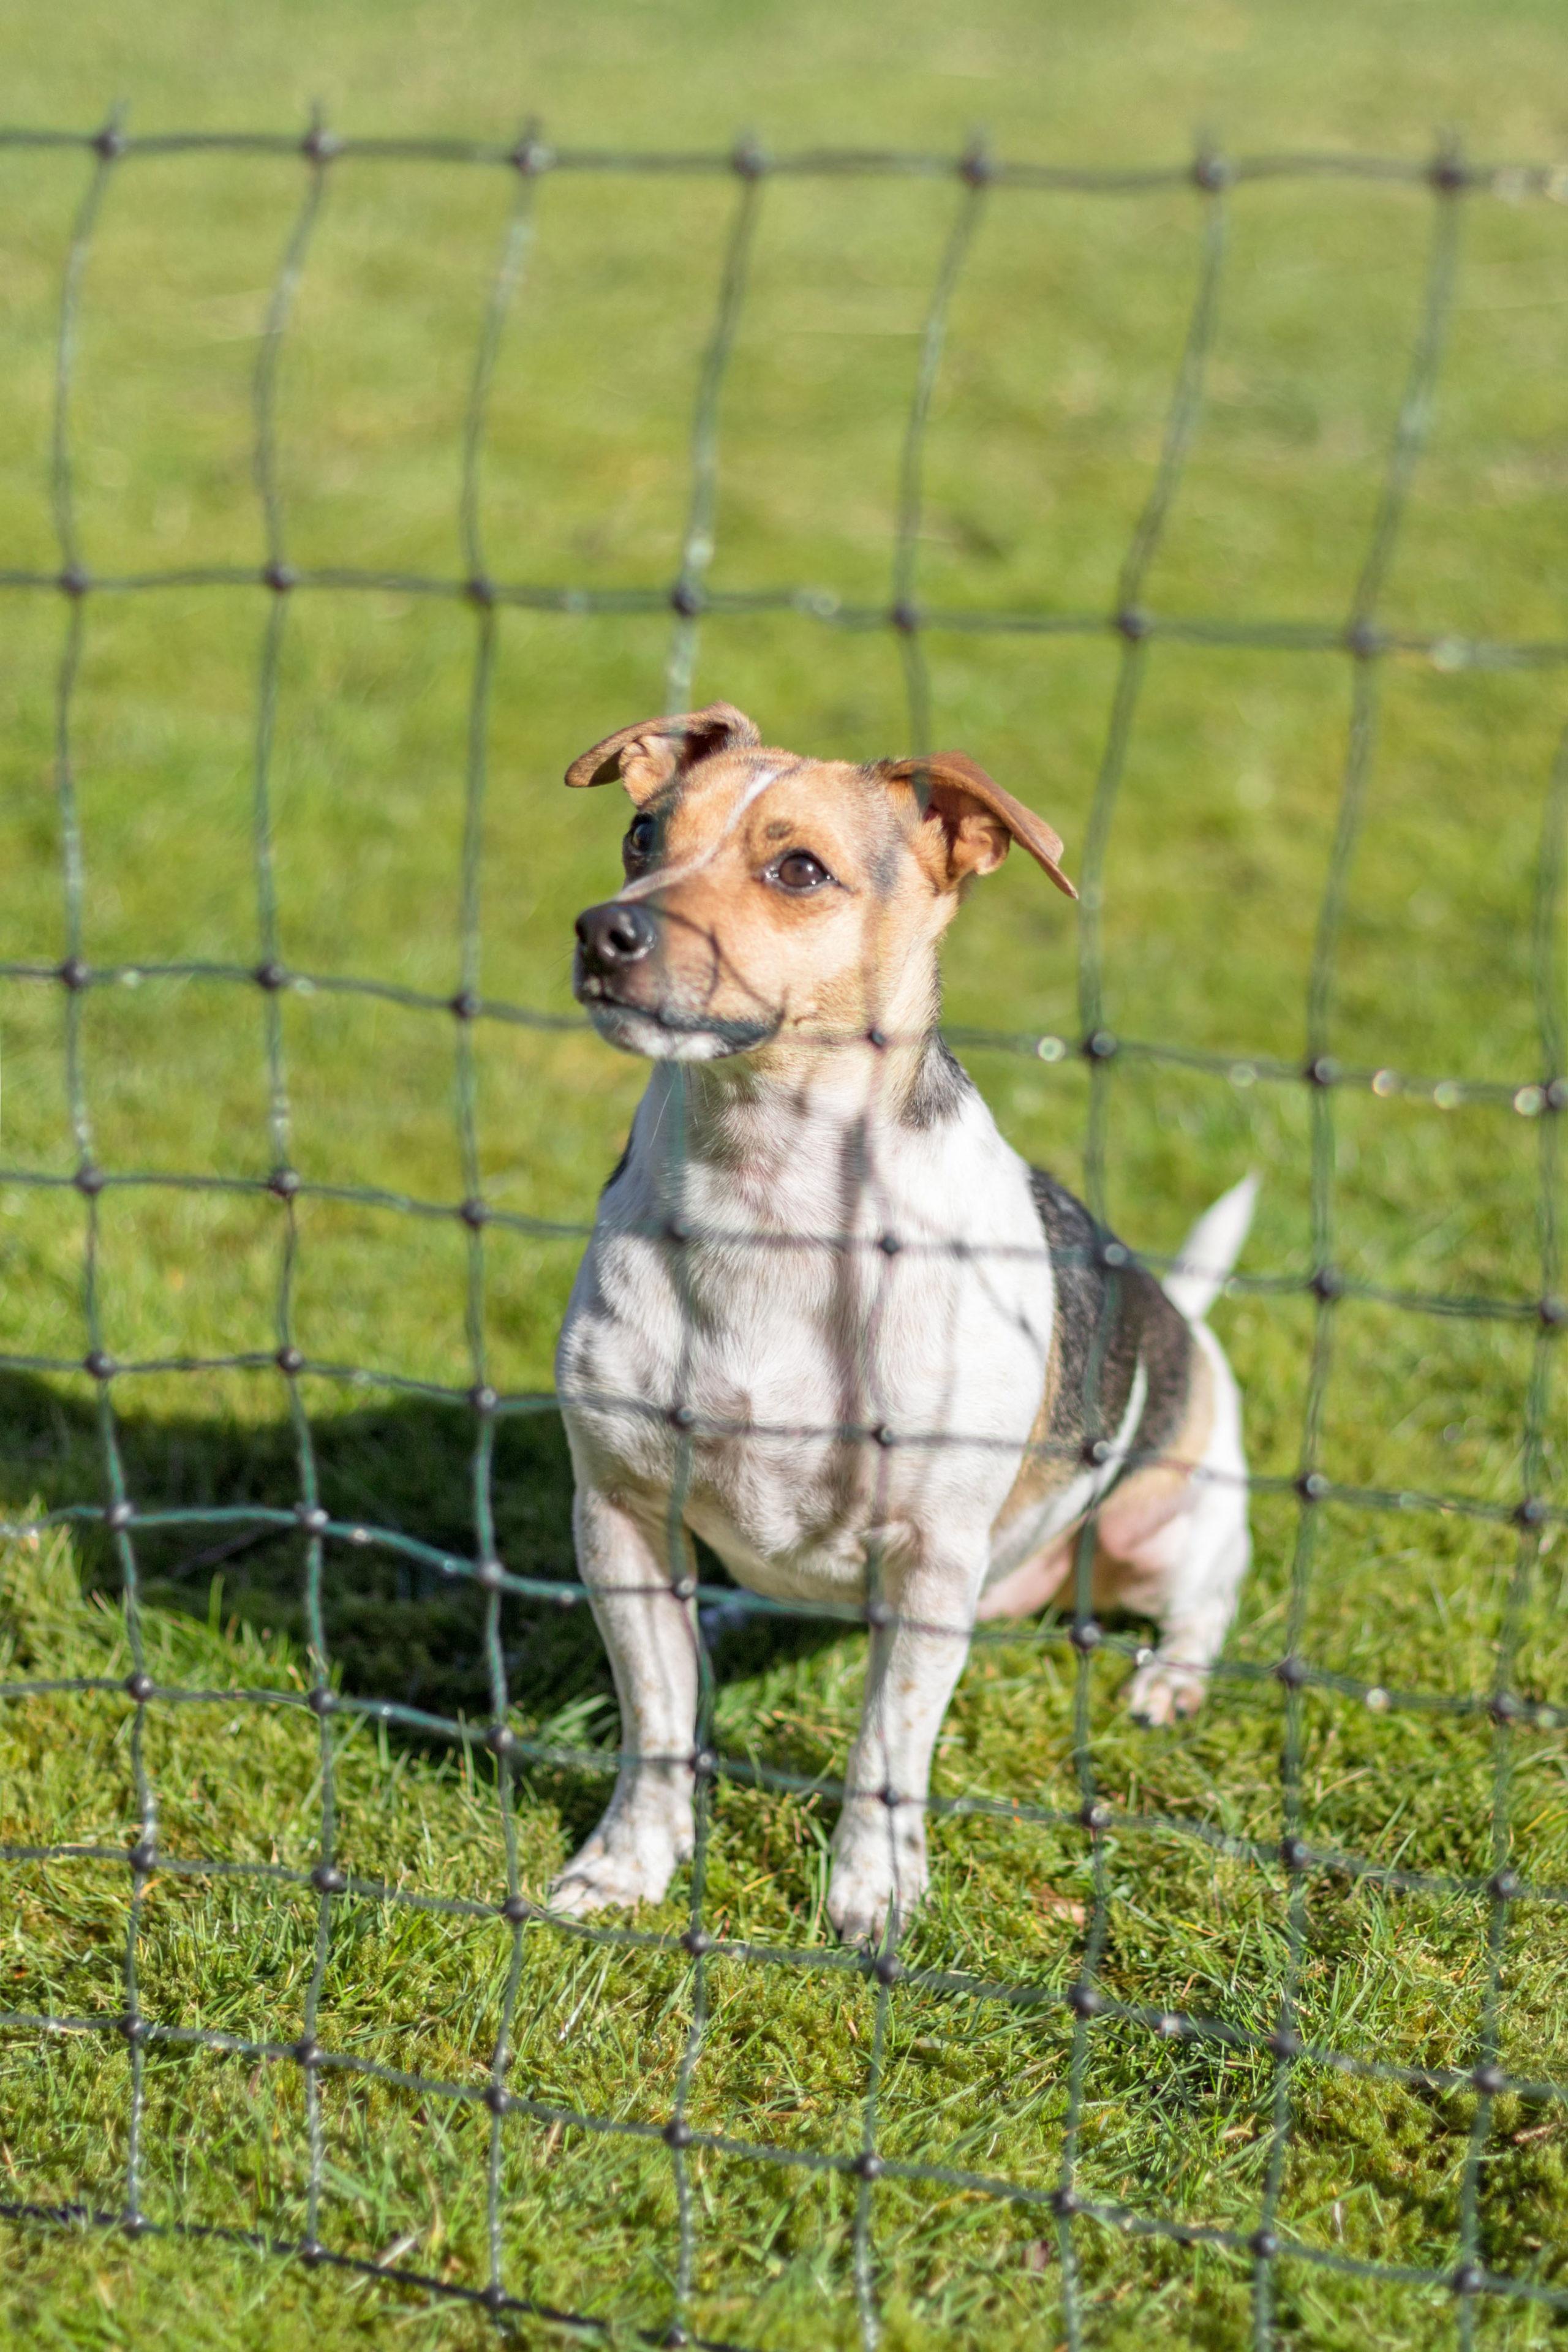 Auslauf ohne Gefahren. Schutzzäune verhindern, dass das Haustier das Grundstück verlässt.